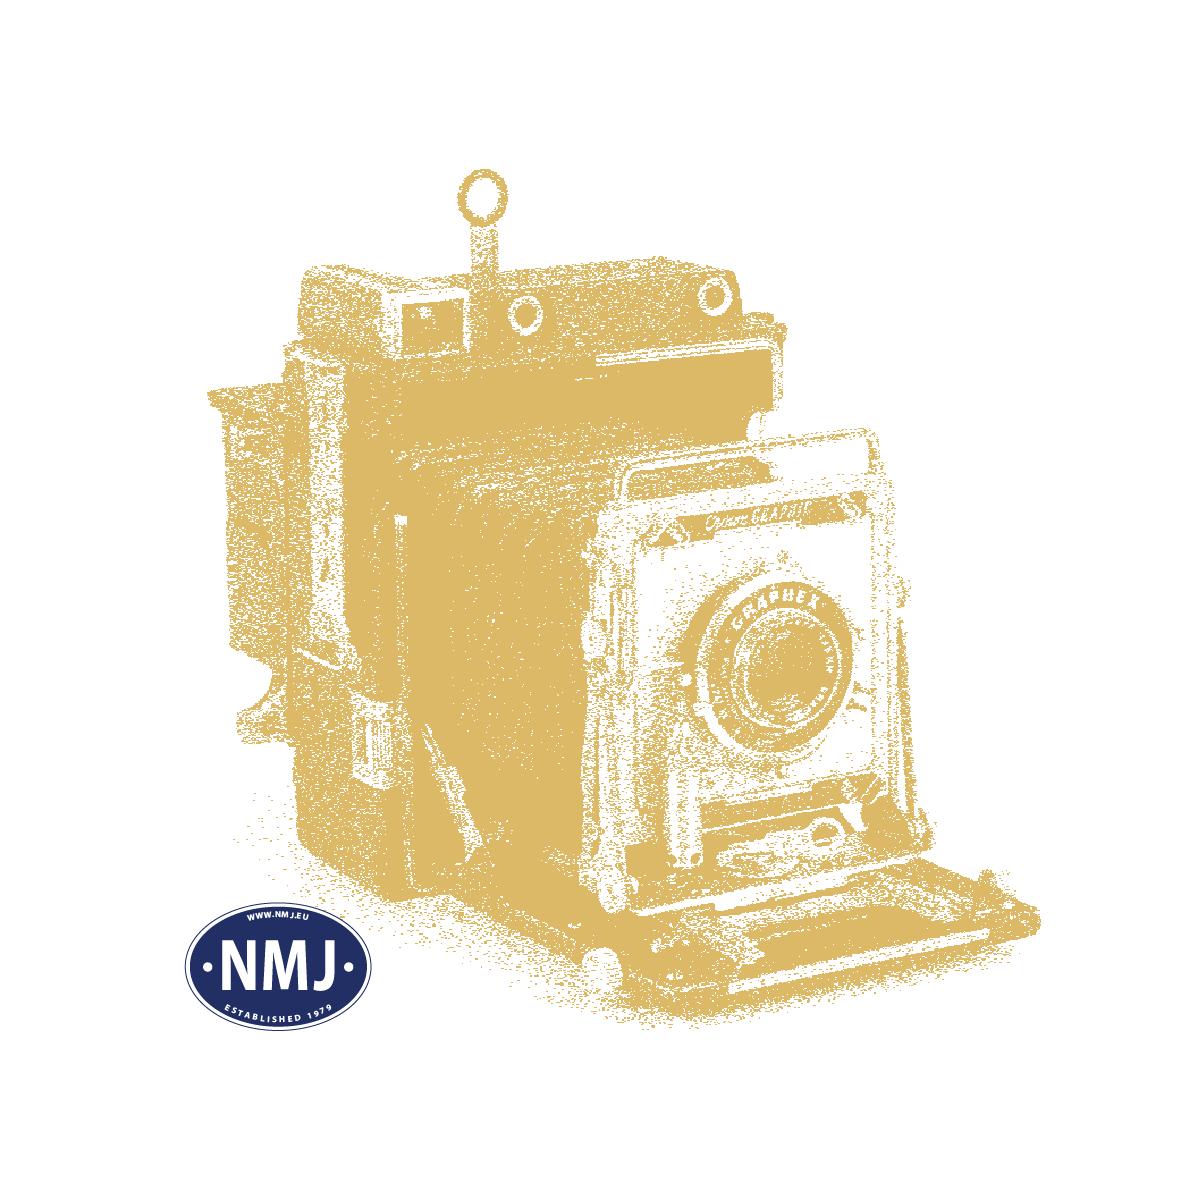 NMJ019009 - NMJ Superline Modell des Abteilwagens Co2d 19009 der NSB Spur 0